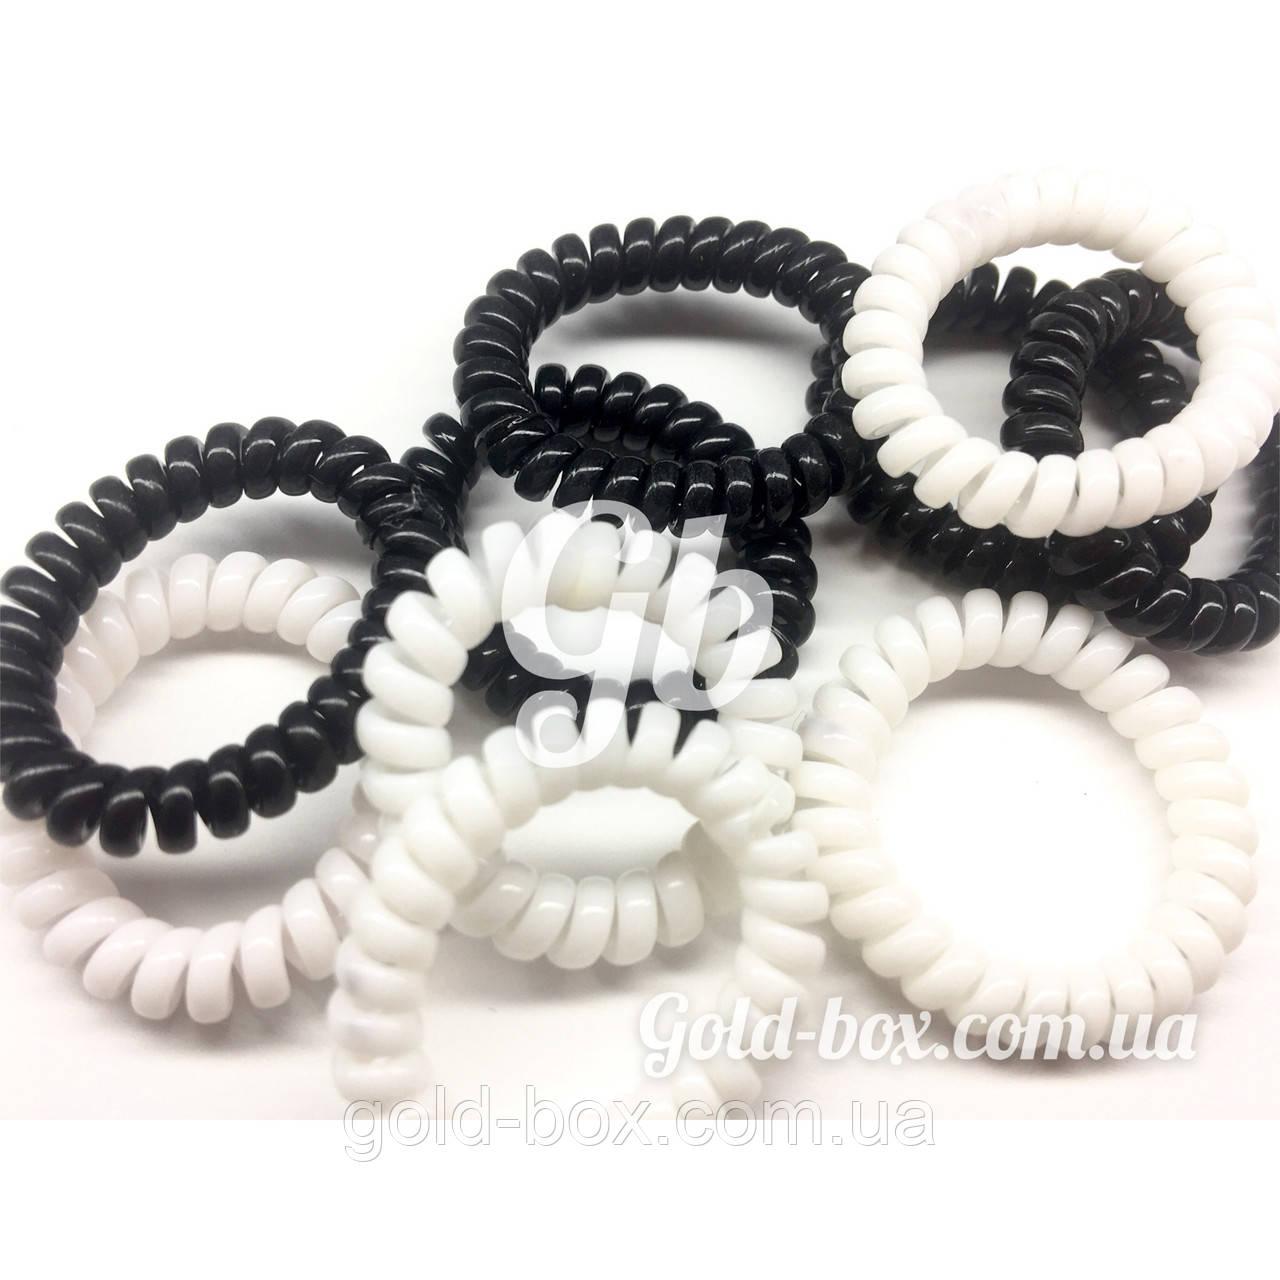 Резинки «бейби Спиральки» бело-чёрные 10шт